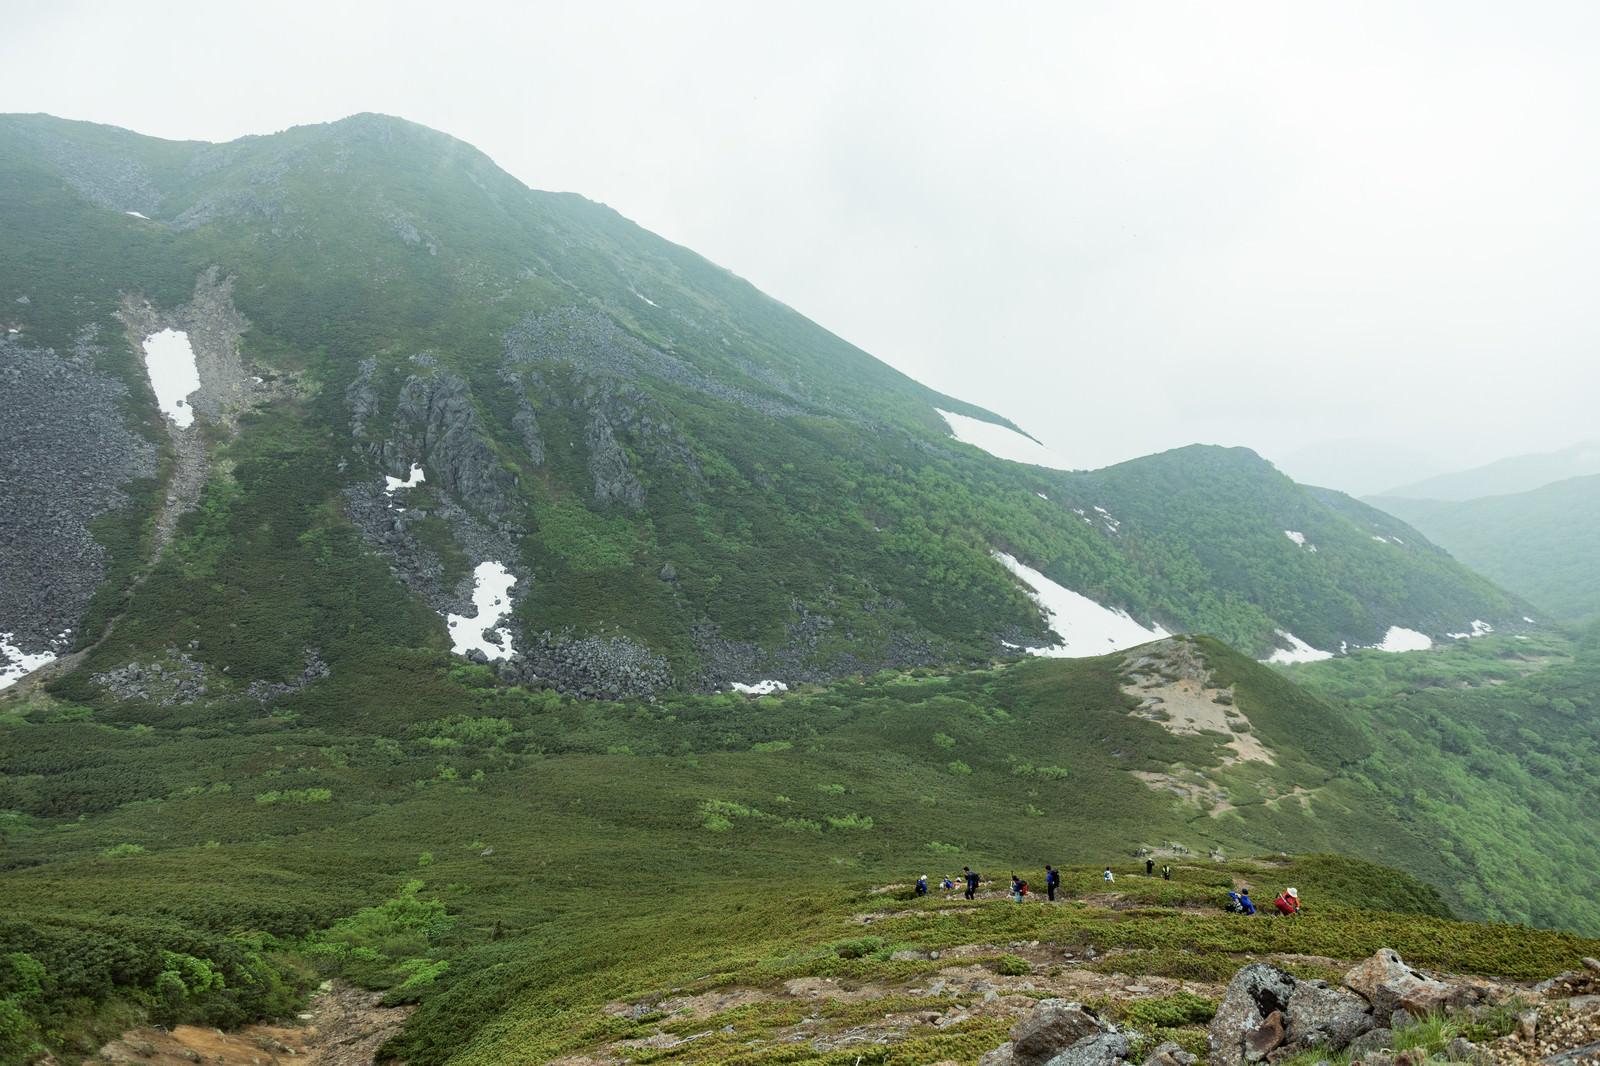 「7月なのにまだ雪が残る乗鞍新登山道を歩く登山者」の写真